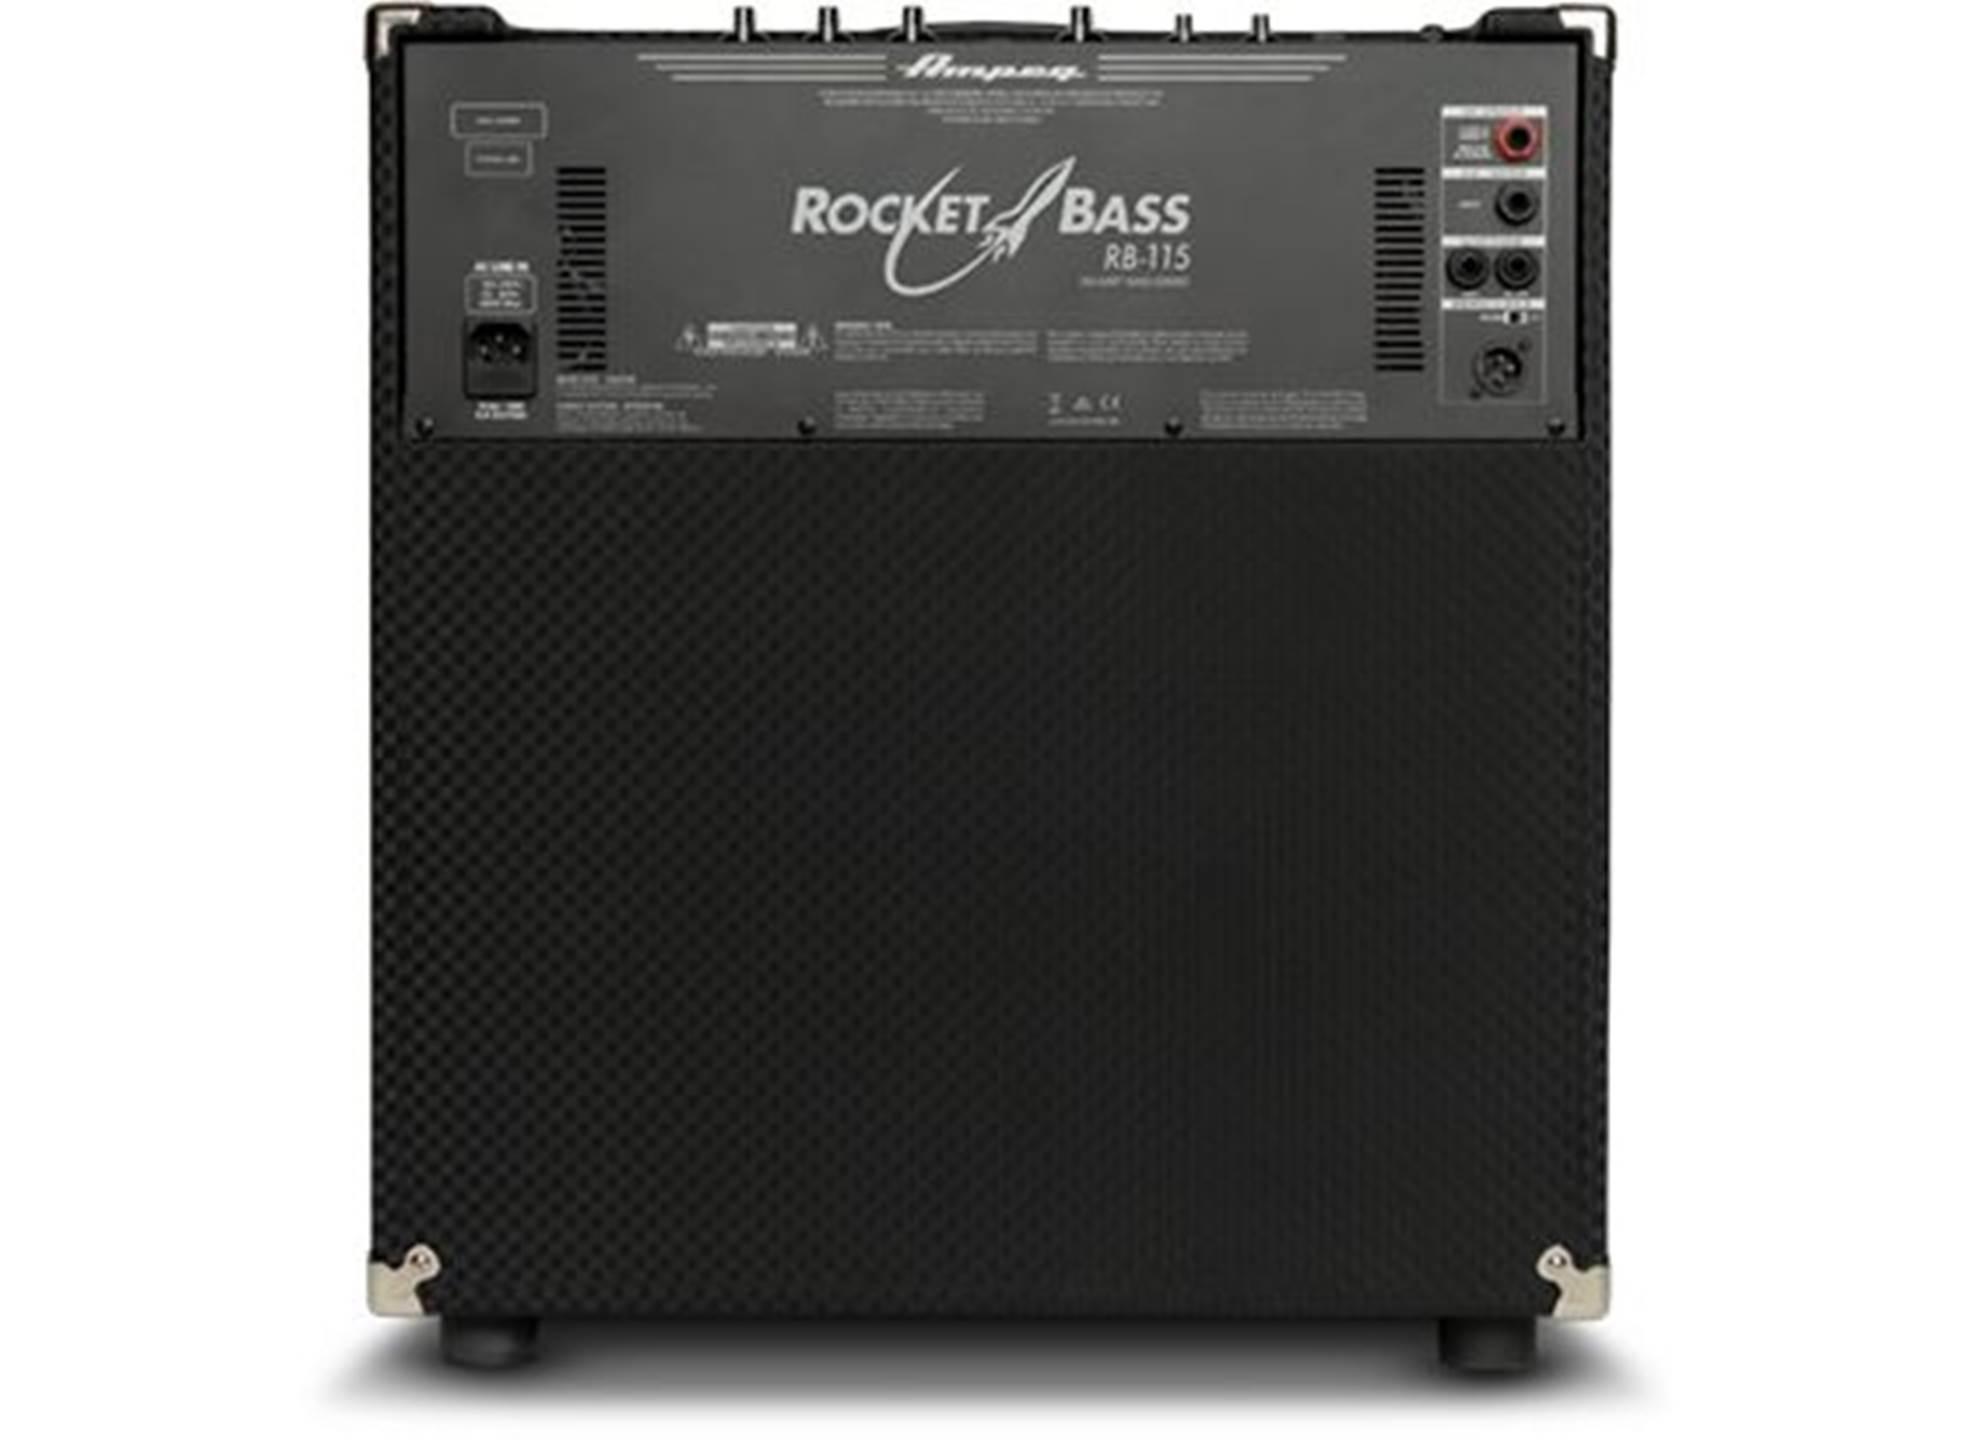 Rocket Bass RB-210